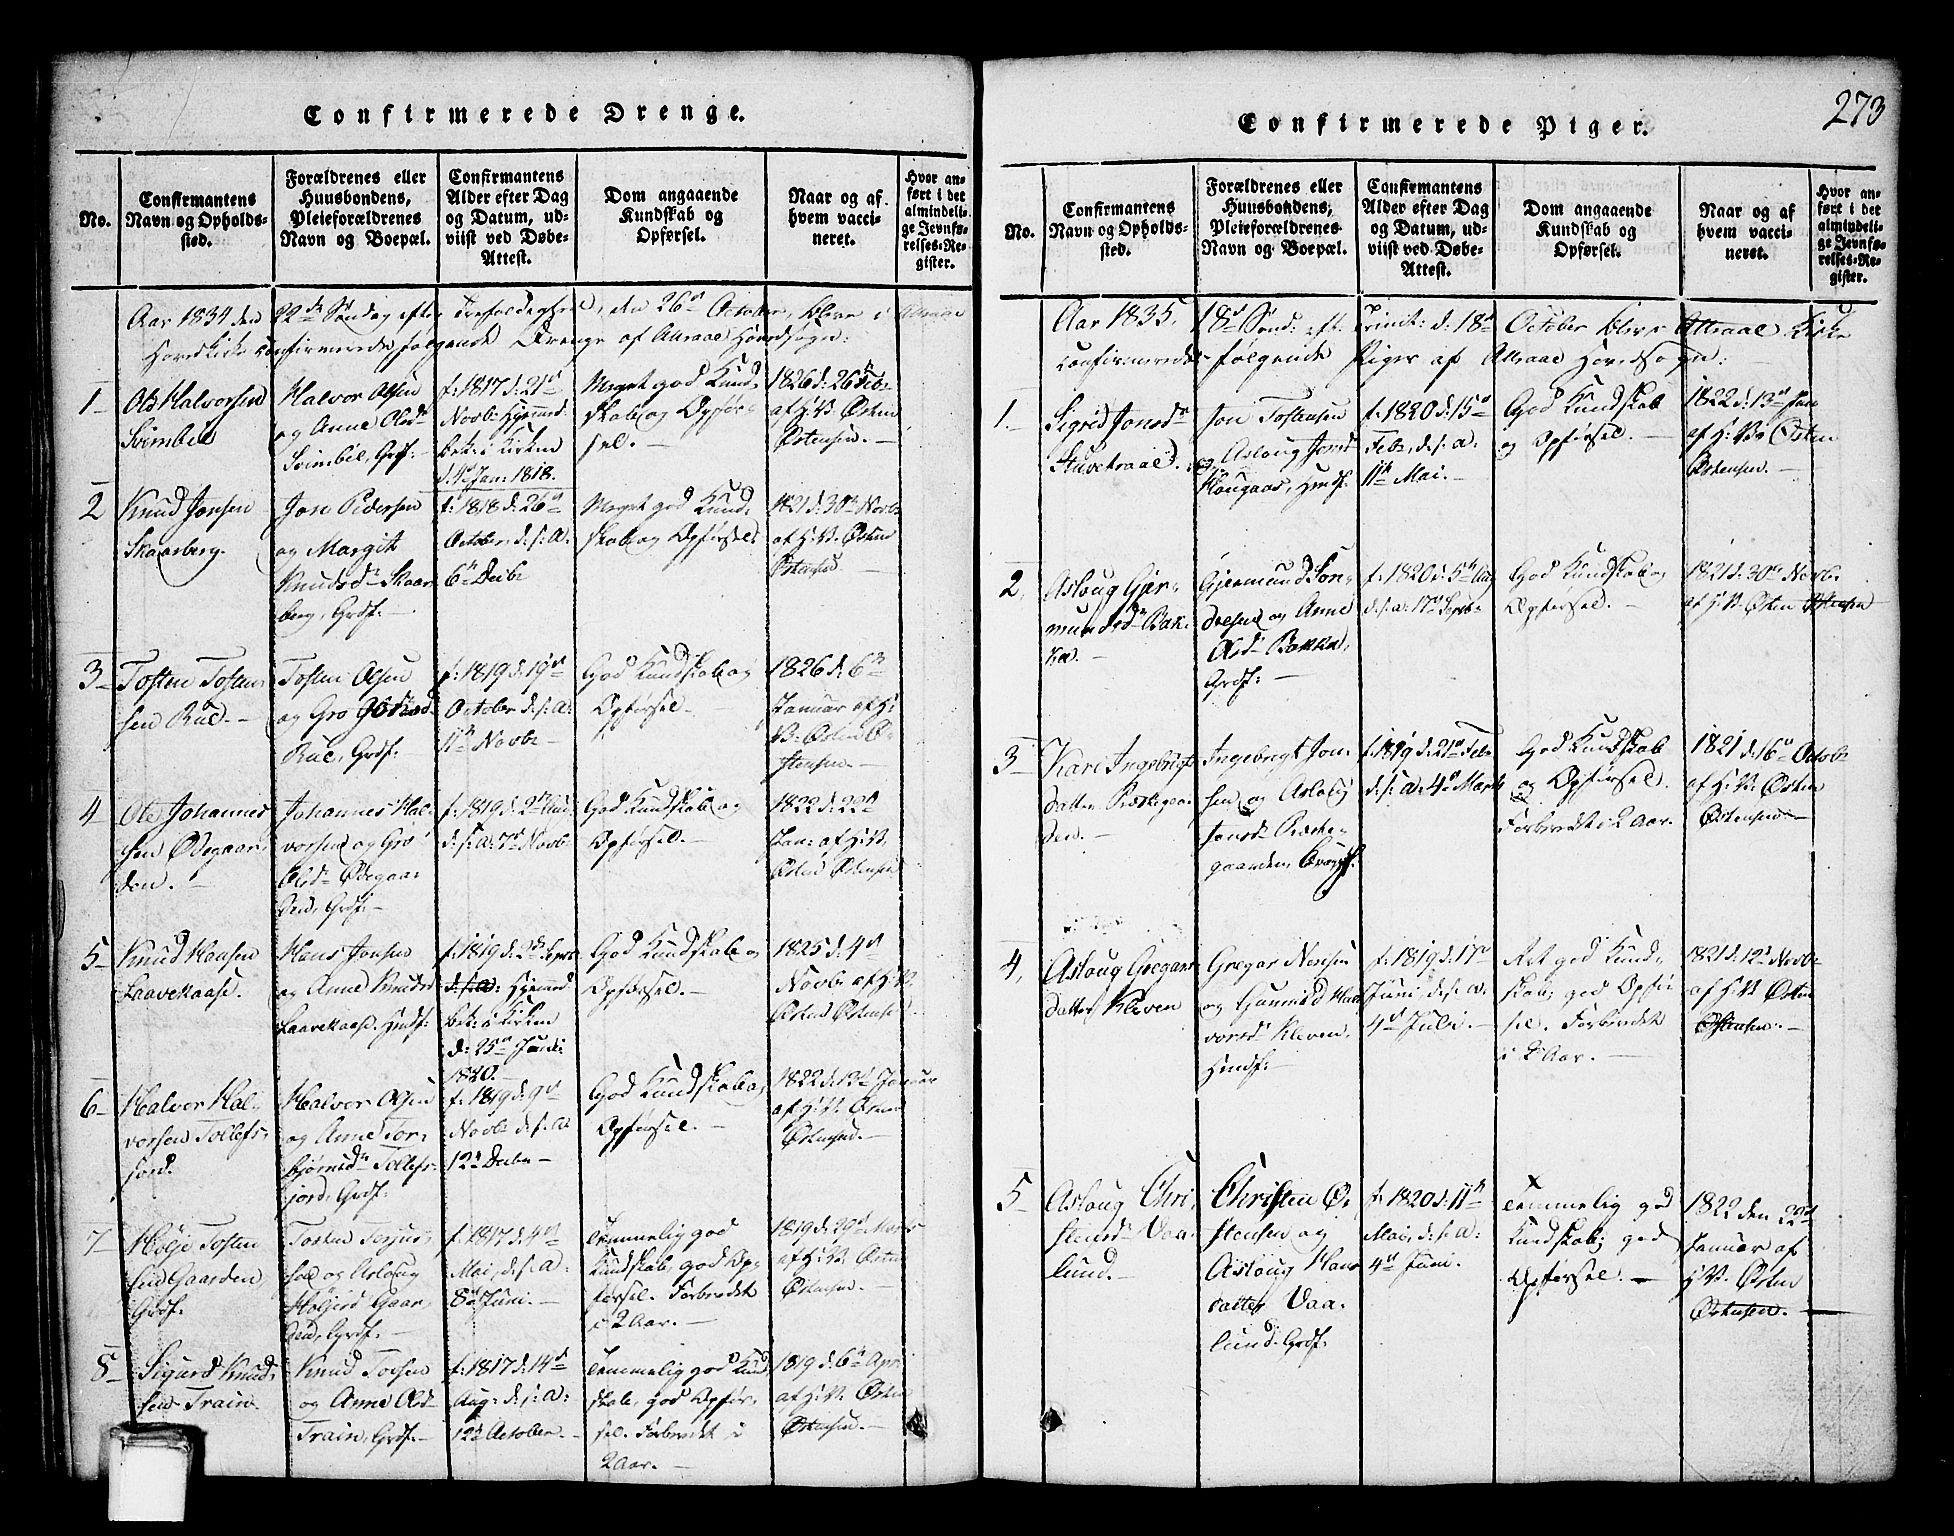 SAKO, Tinn kirkebøker, G/Ga/L0001: Klokkerbok nr. I 1, 1815-1850, s. 273